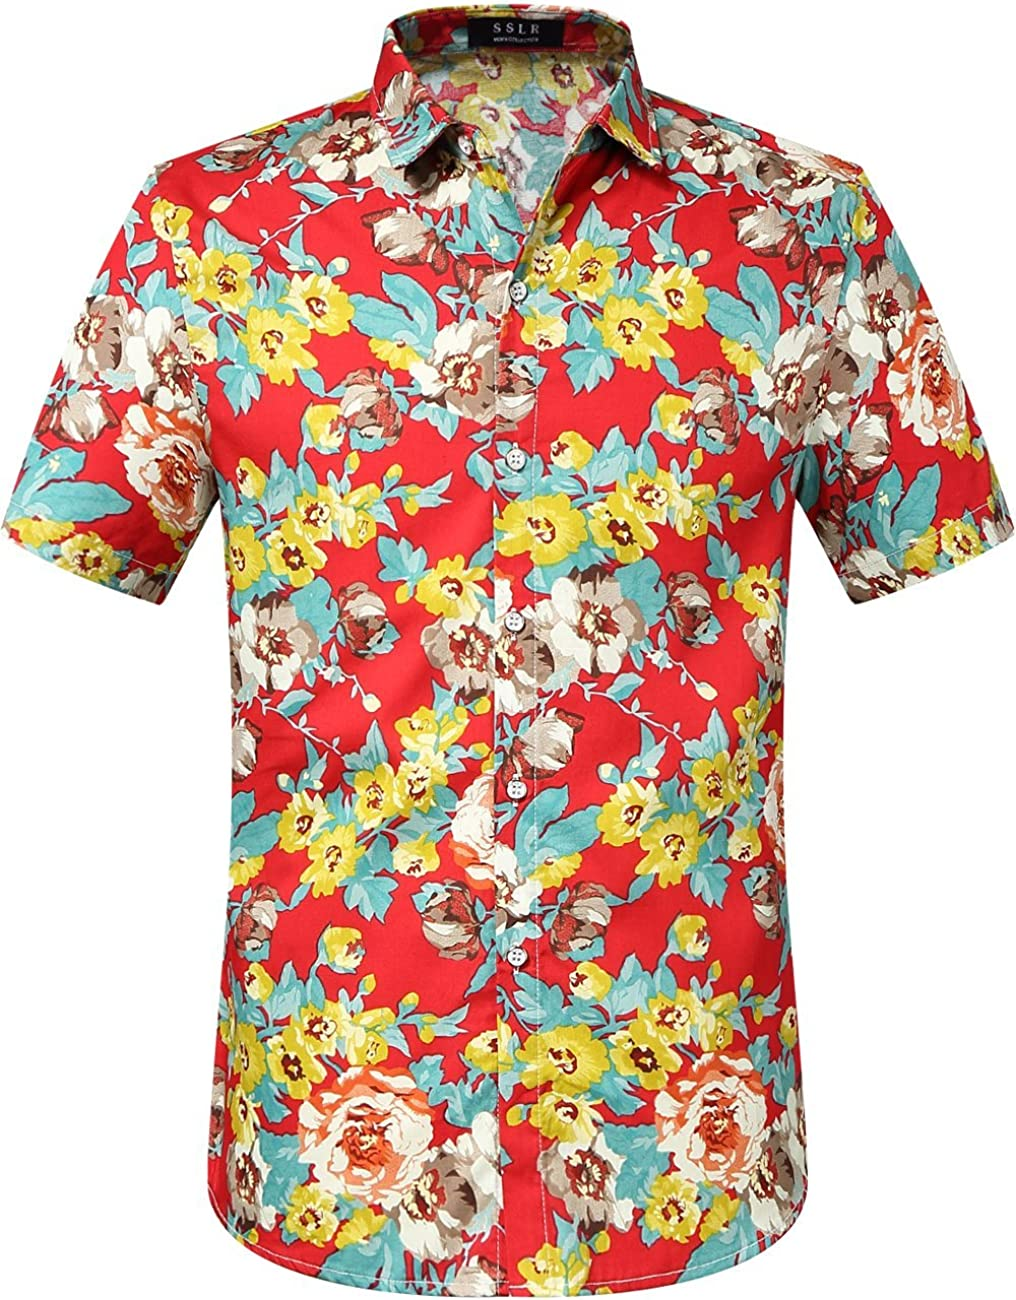 SSLR Camisa Hawaiana Colorida de Manga Corta de Estampado de Flores 3D Tropicales de Verano para Hombre (Small, Rojo): Amazon.es: Ropa y accesorios